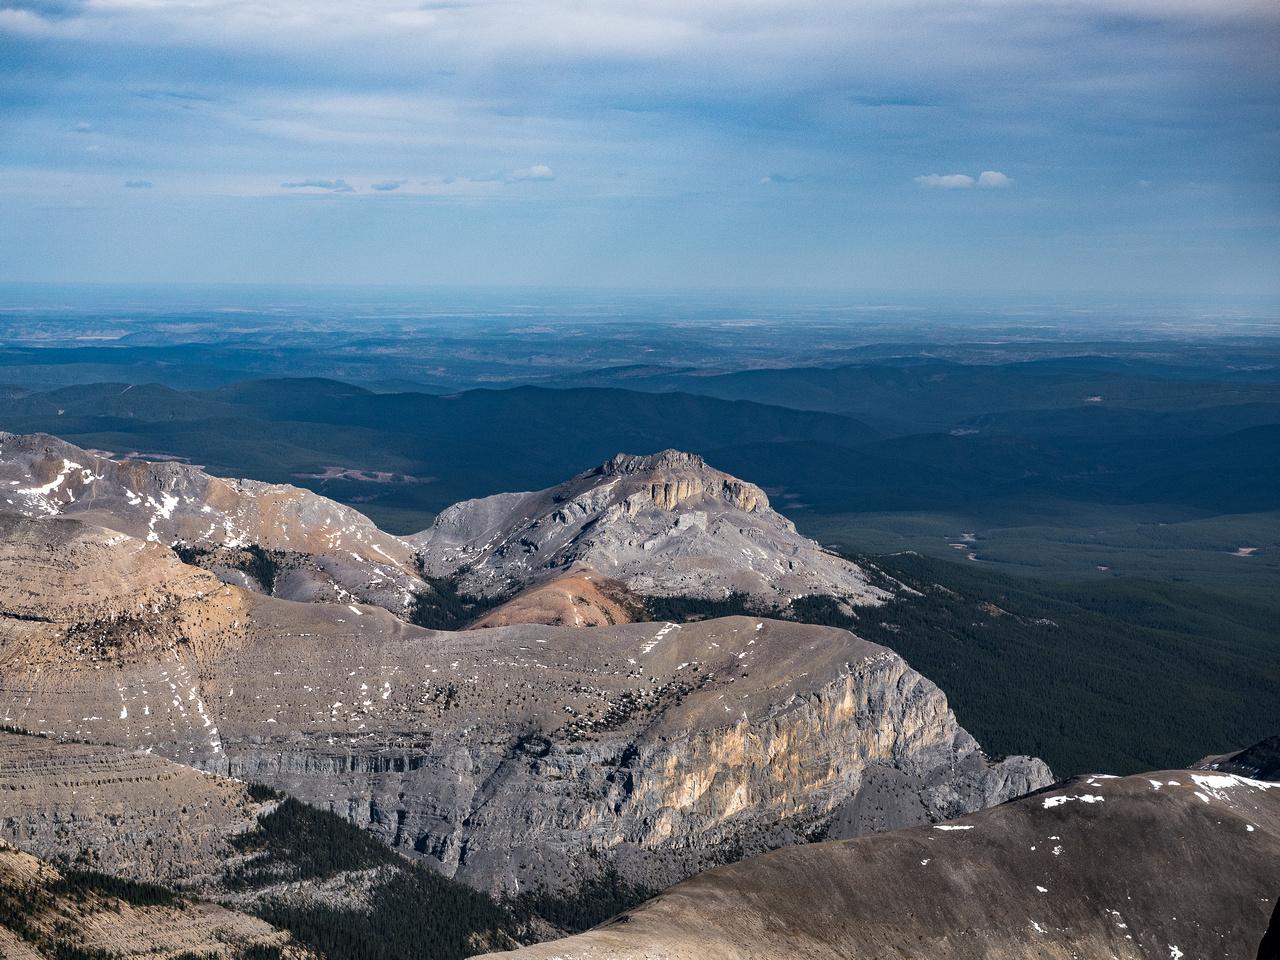 Kink (Fallen) Peaks.